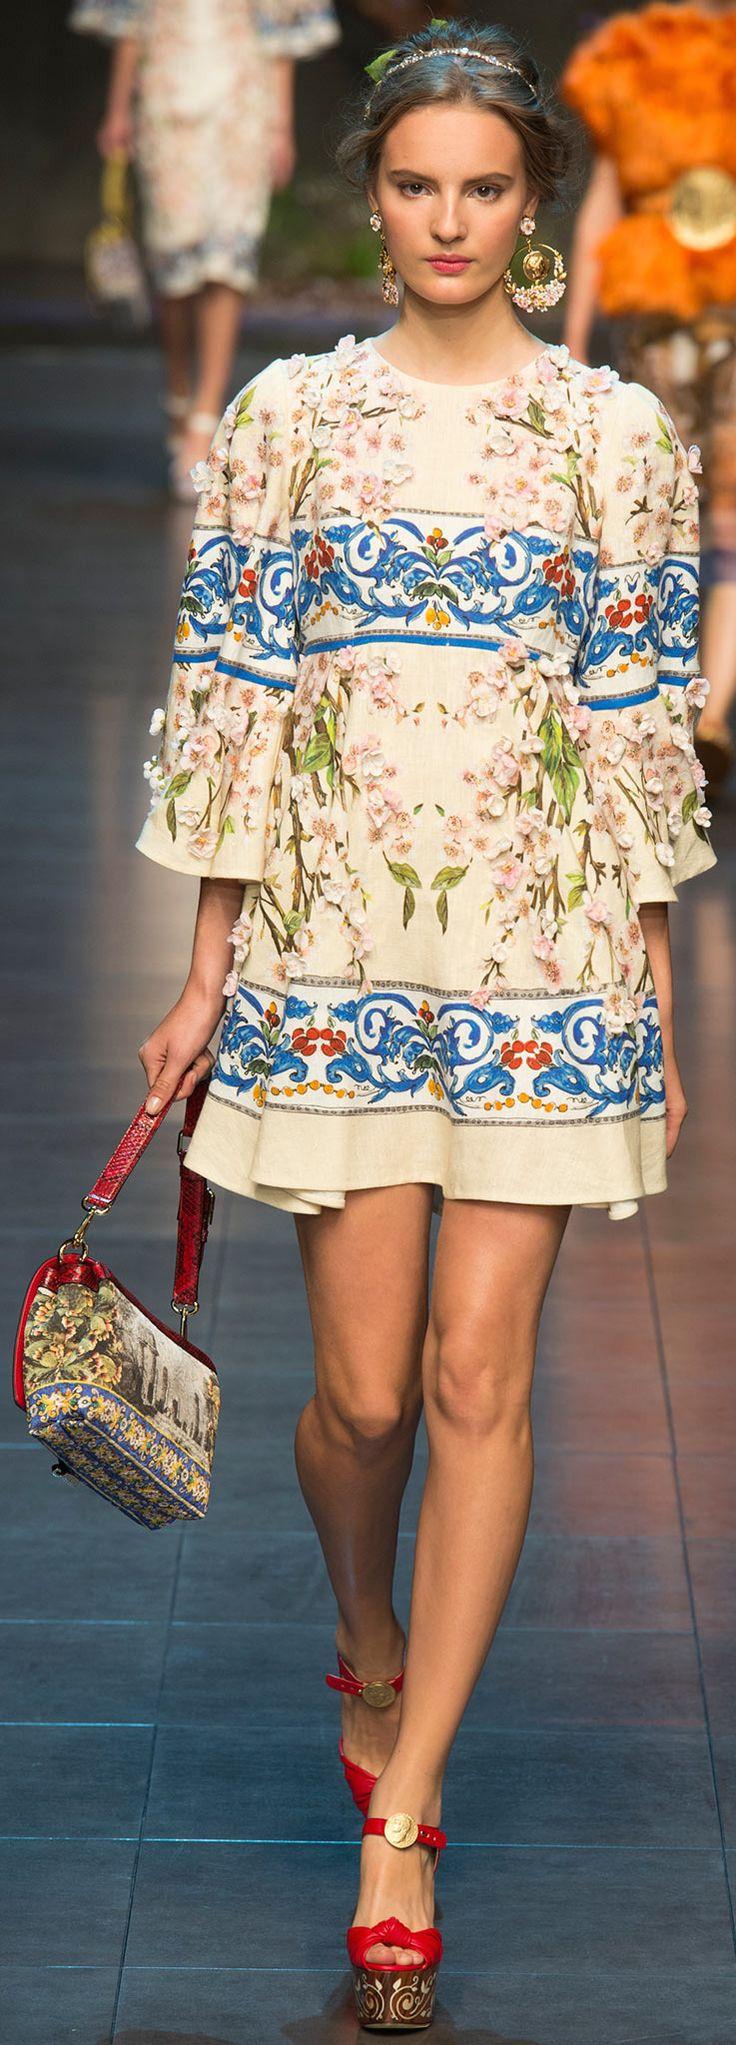 #fashion #style Dolce & Gabbana spring